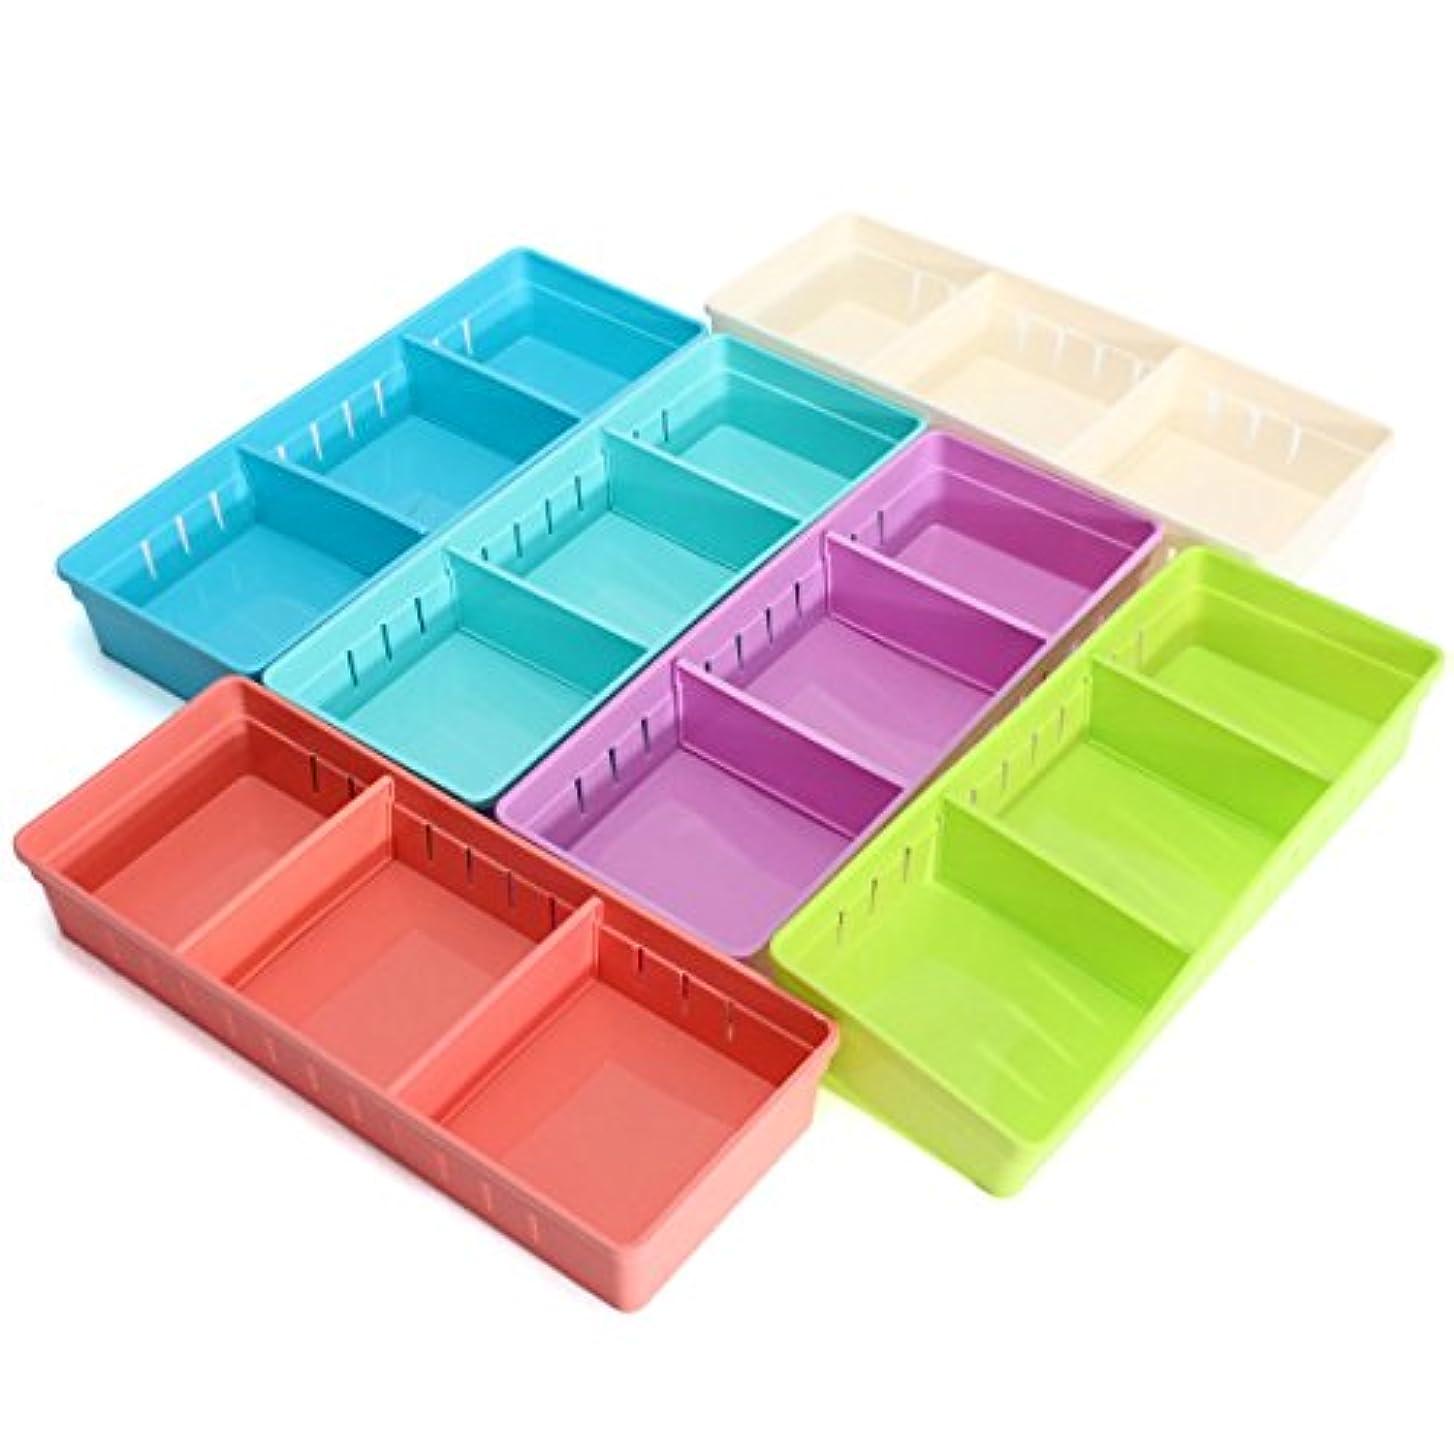 照らす光の入学するYZUEYT 調整可能なメイクアップ収納ボックス引き出しホームキッチンオフィスSupplie鉛筆ジュエリーオーガナイザー YZUEYT (Color : Color Yellow)